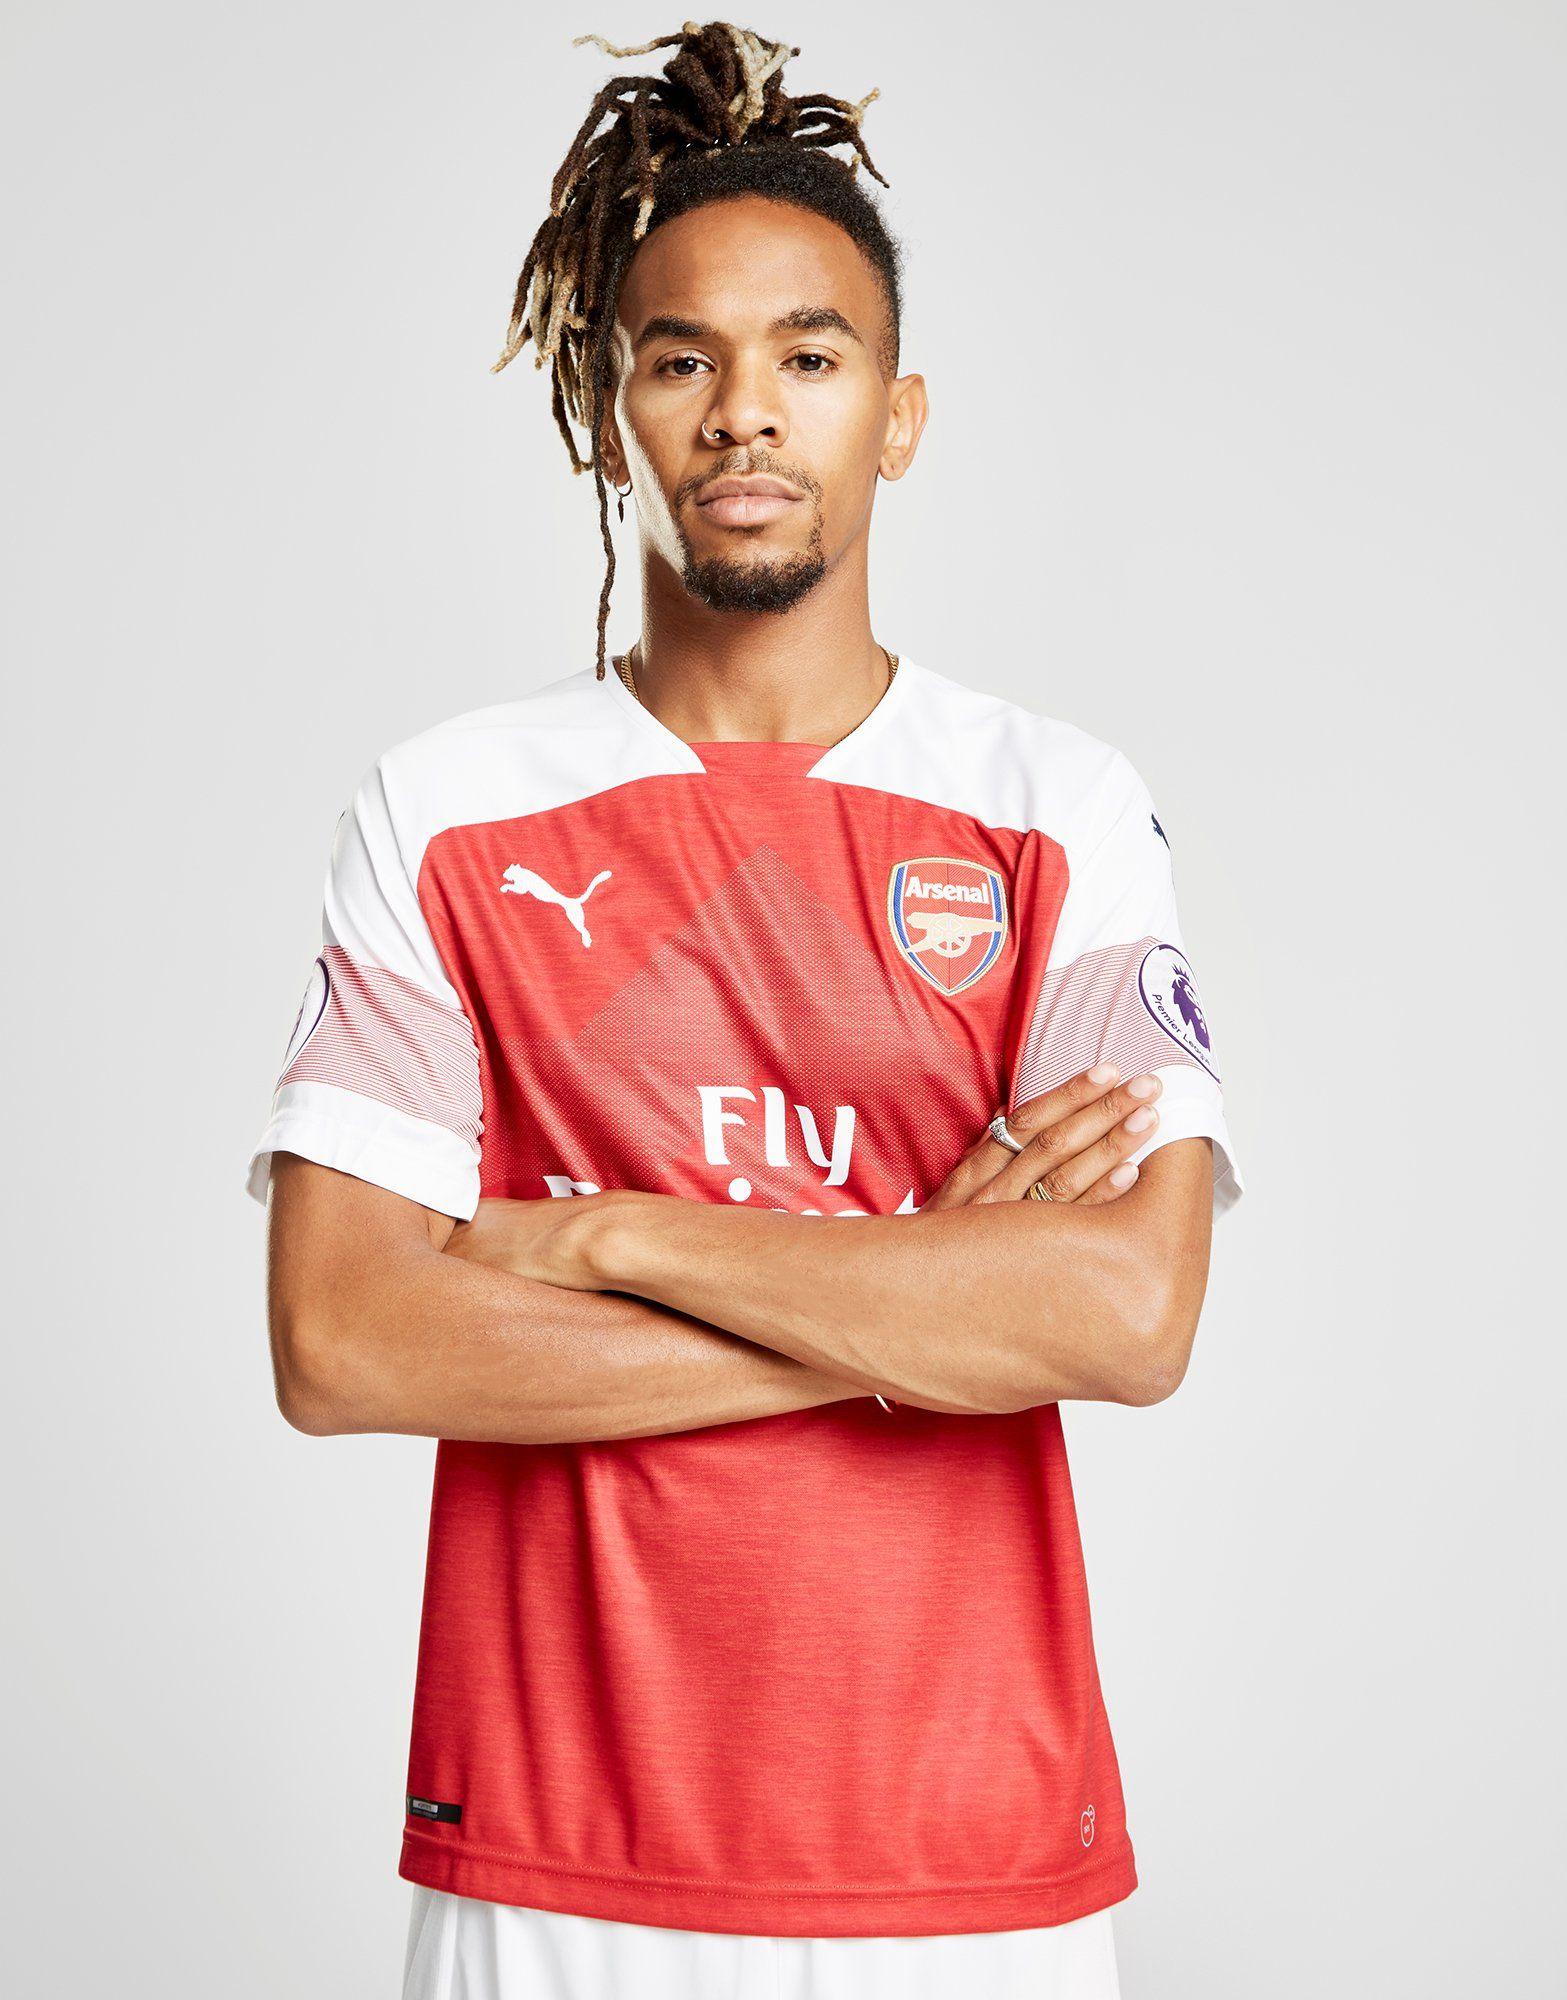 PUMA Arsenal FC 2018/19 Lacazette #9 Home Shirt